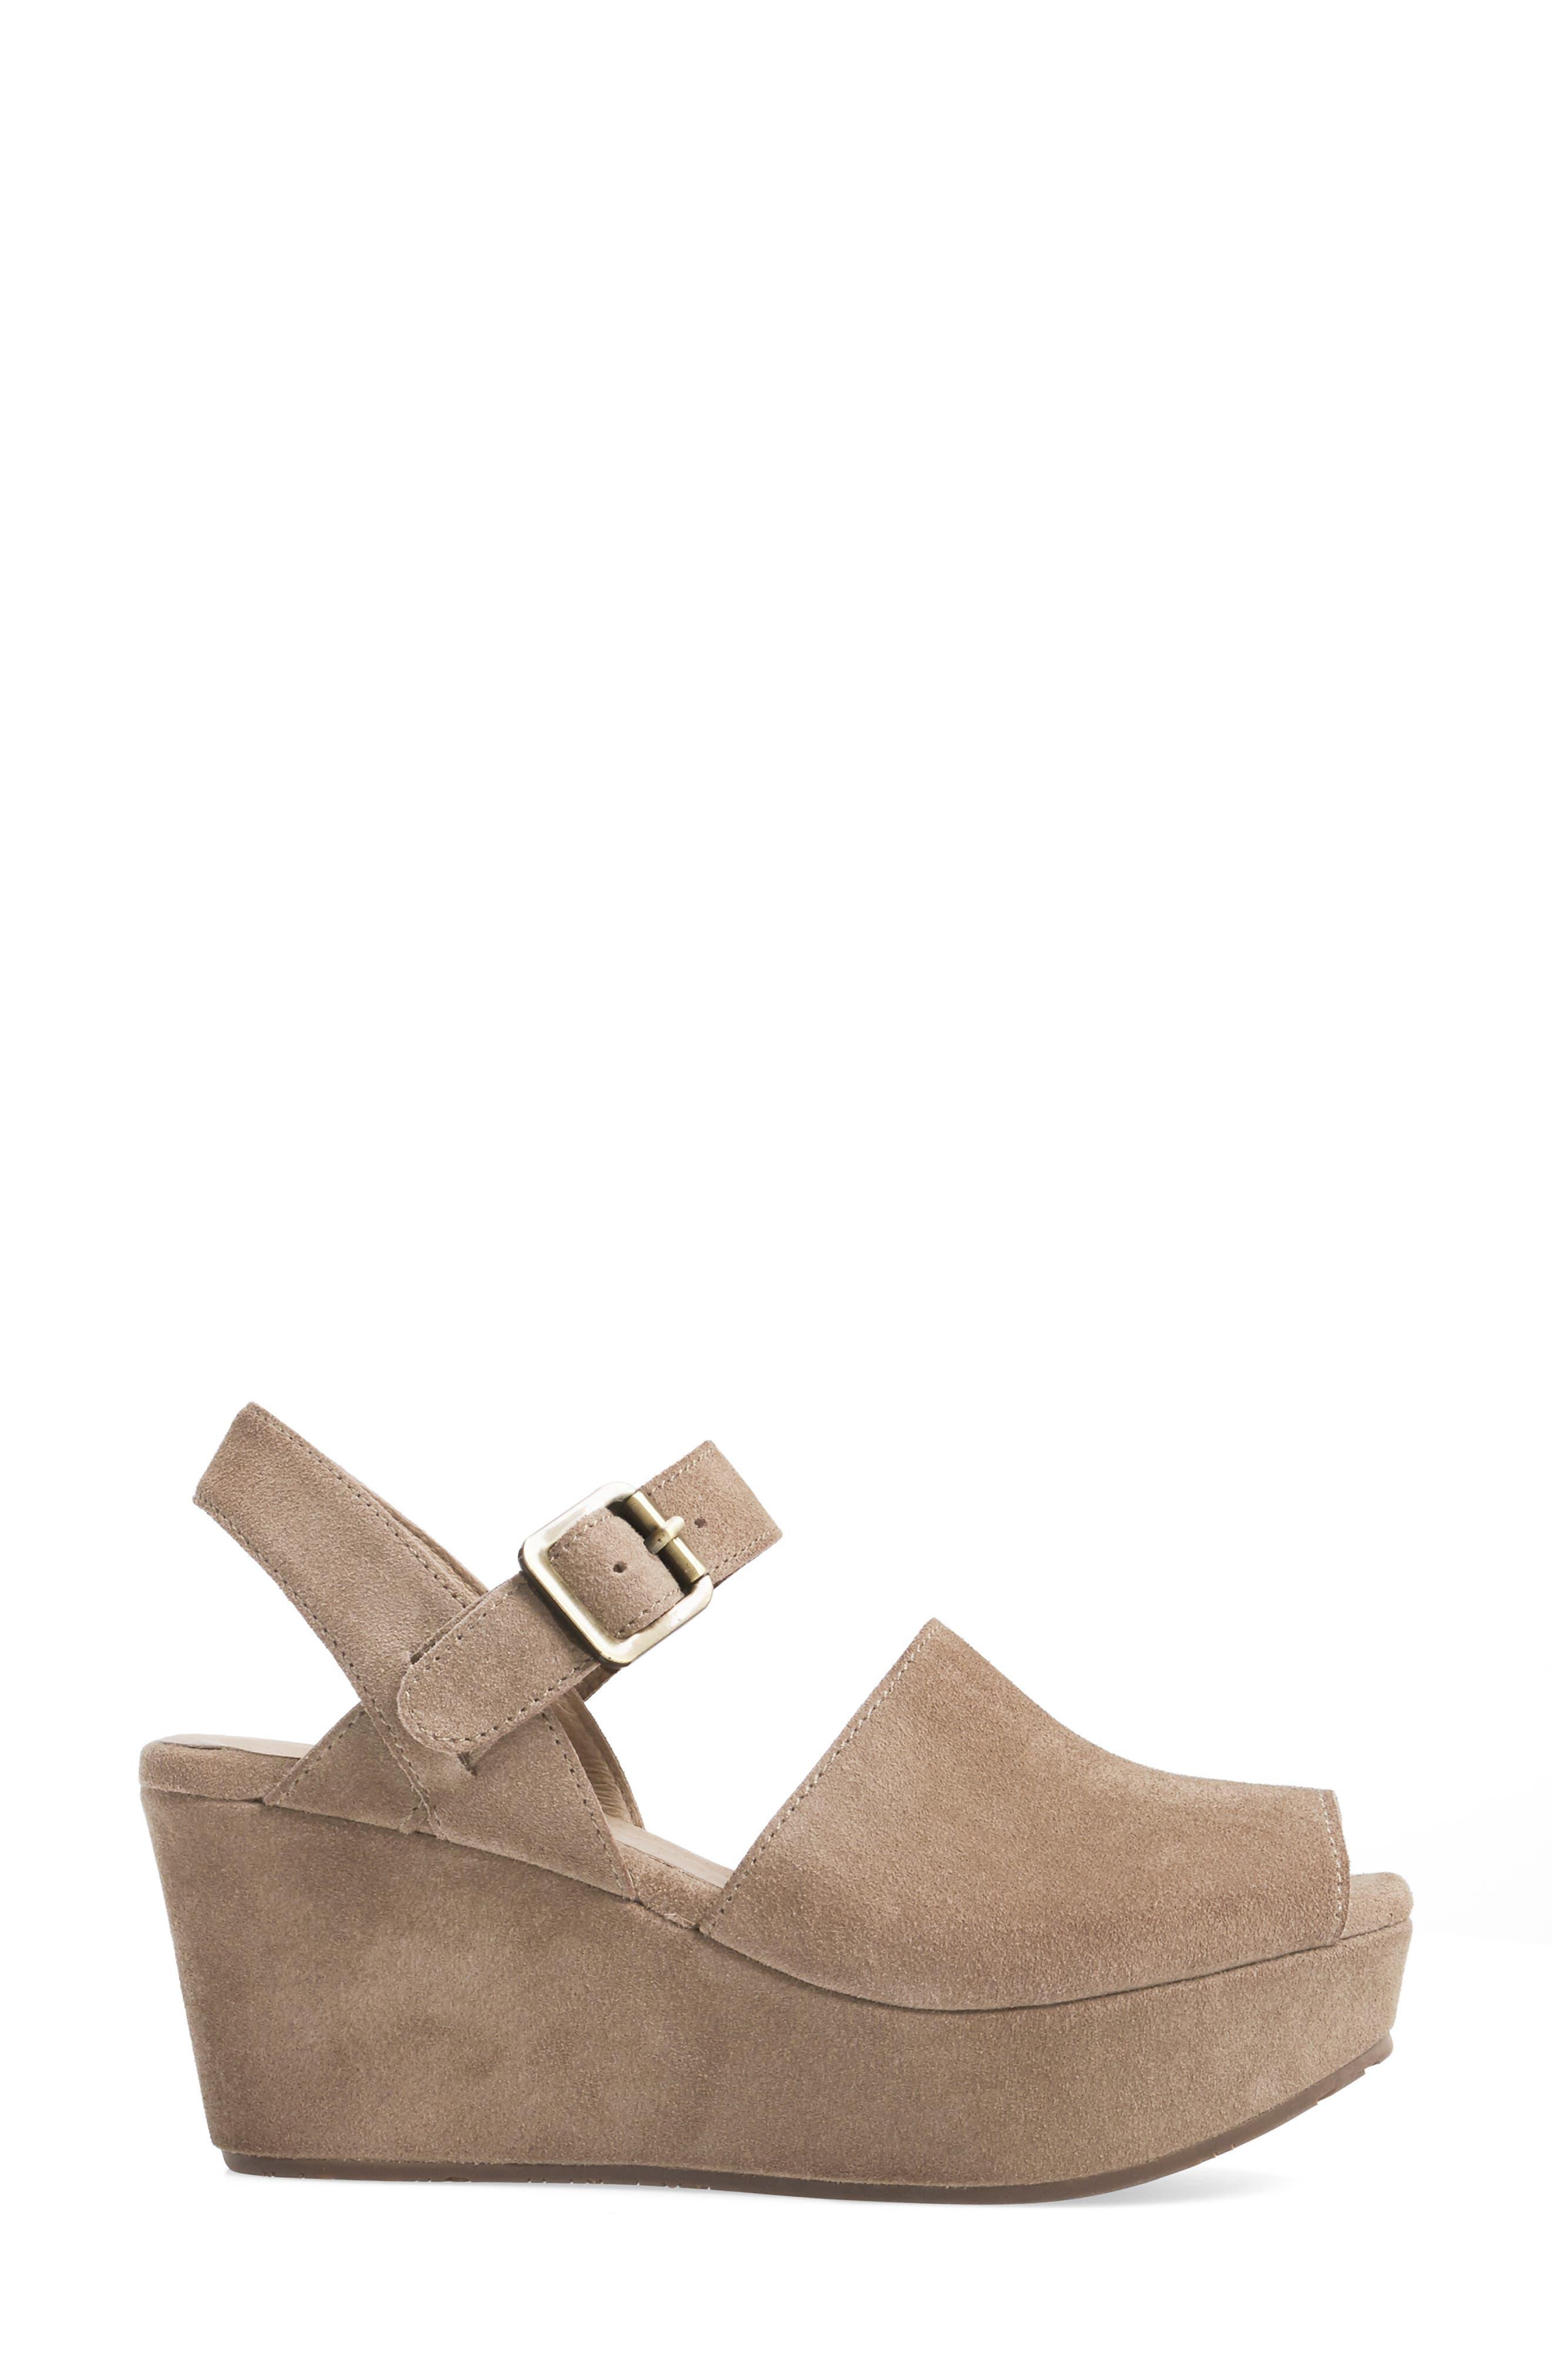 Alternate Image 3  - Chocolat Blu Wagga Platform Wedge Sandal (Women)